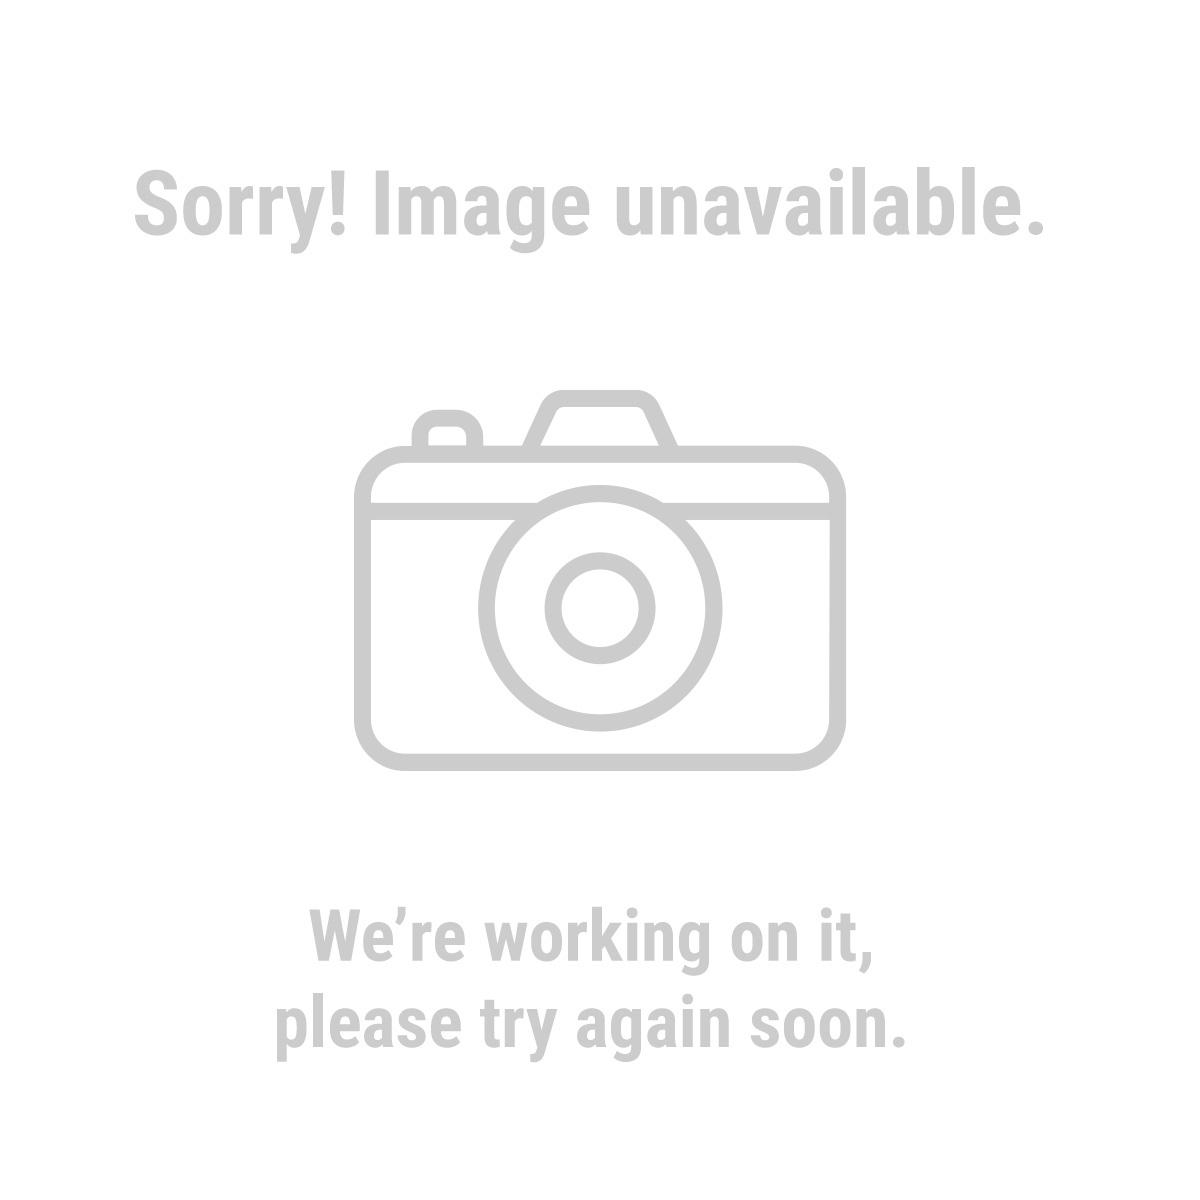 62235 3 Oz. WD-40